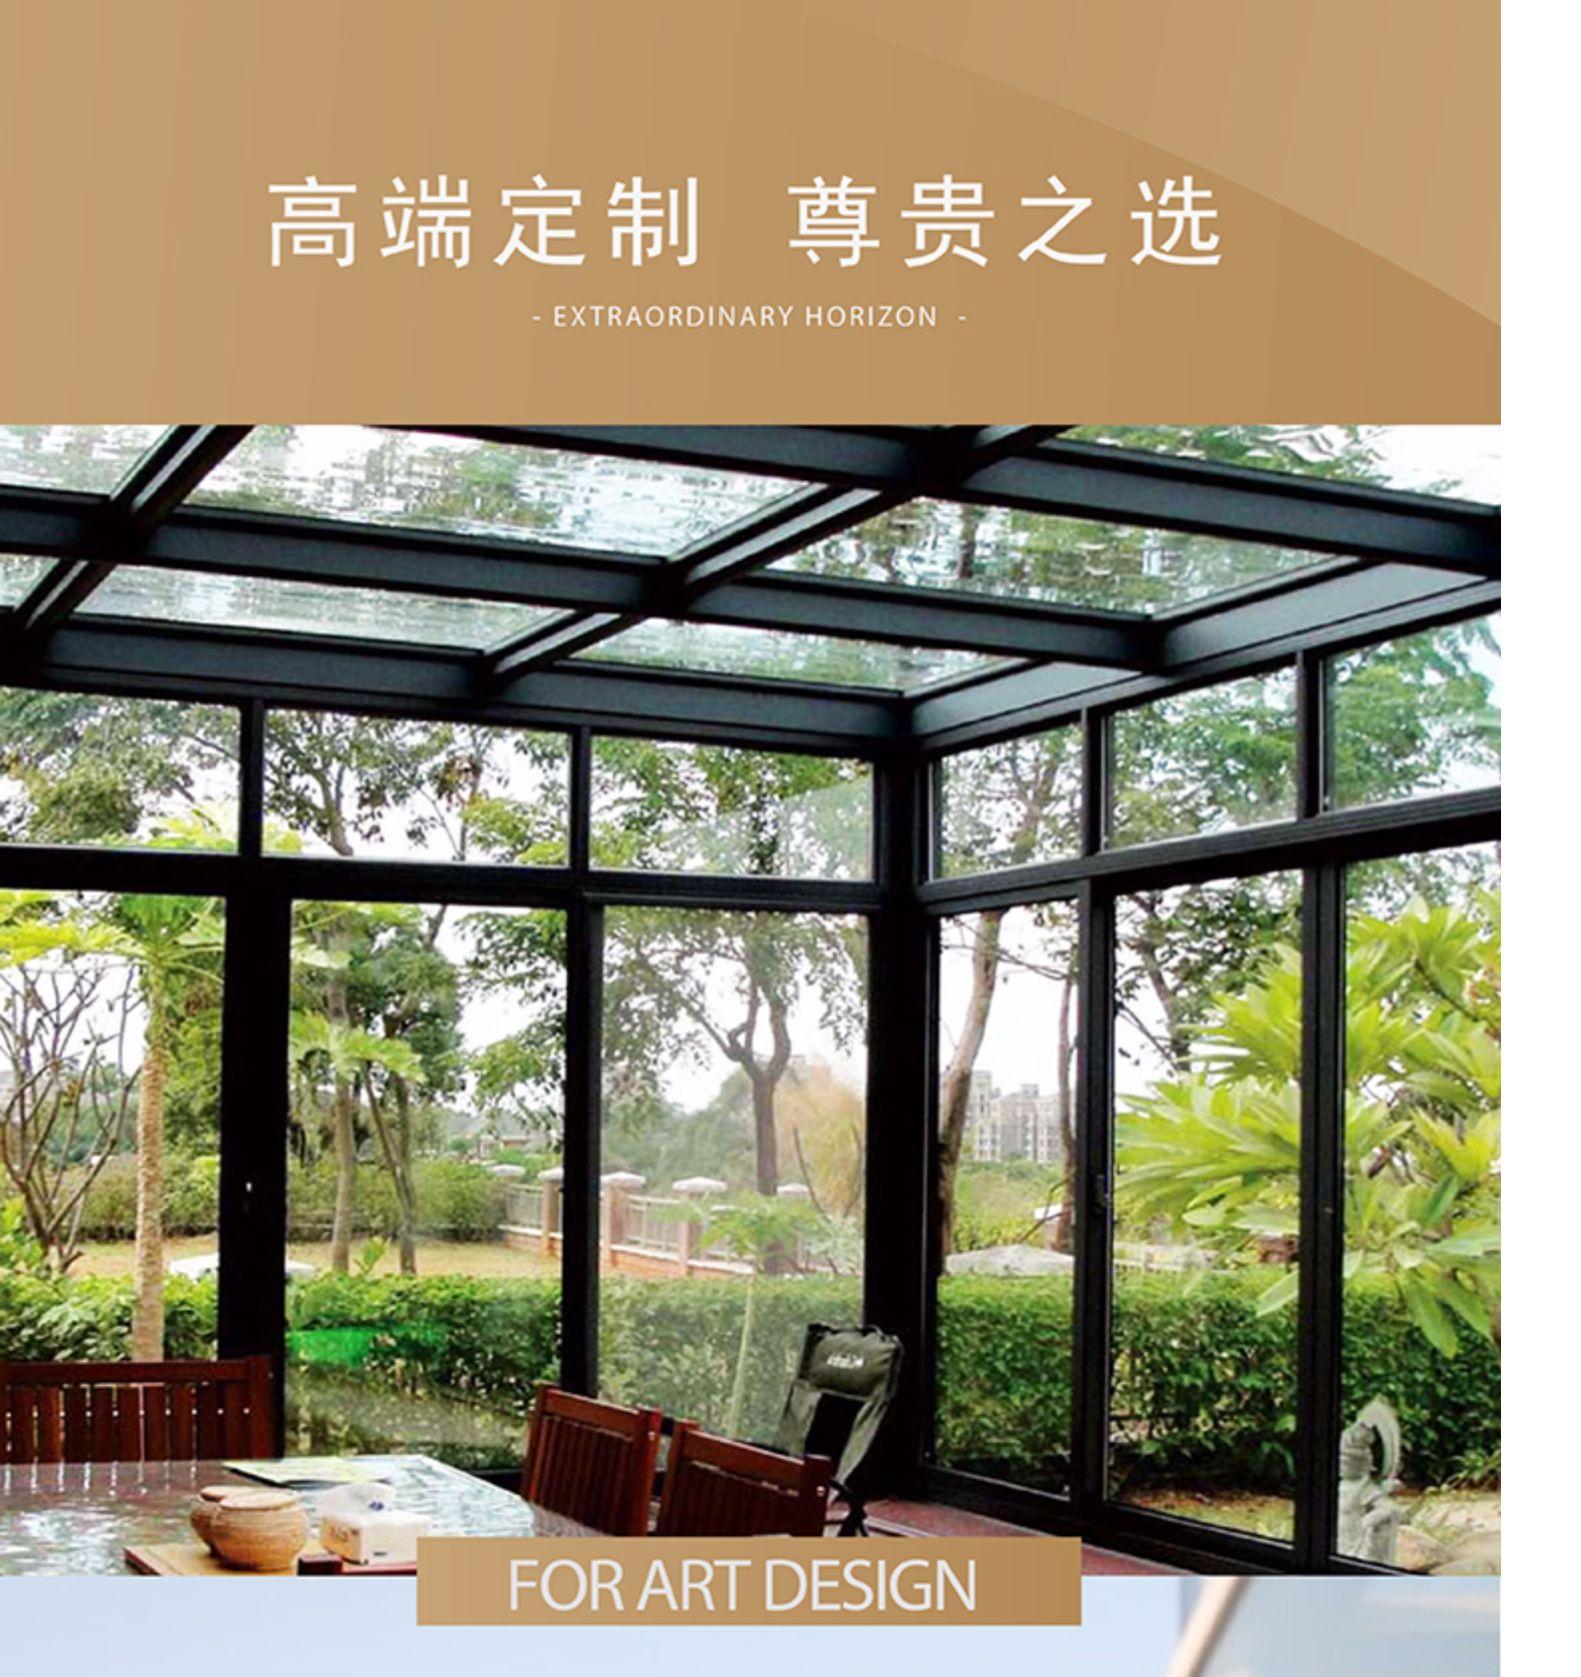 枫景阳光房落地窗遮阳露台封阳台纱窗一体欧式别墅铝合金门窗定做